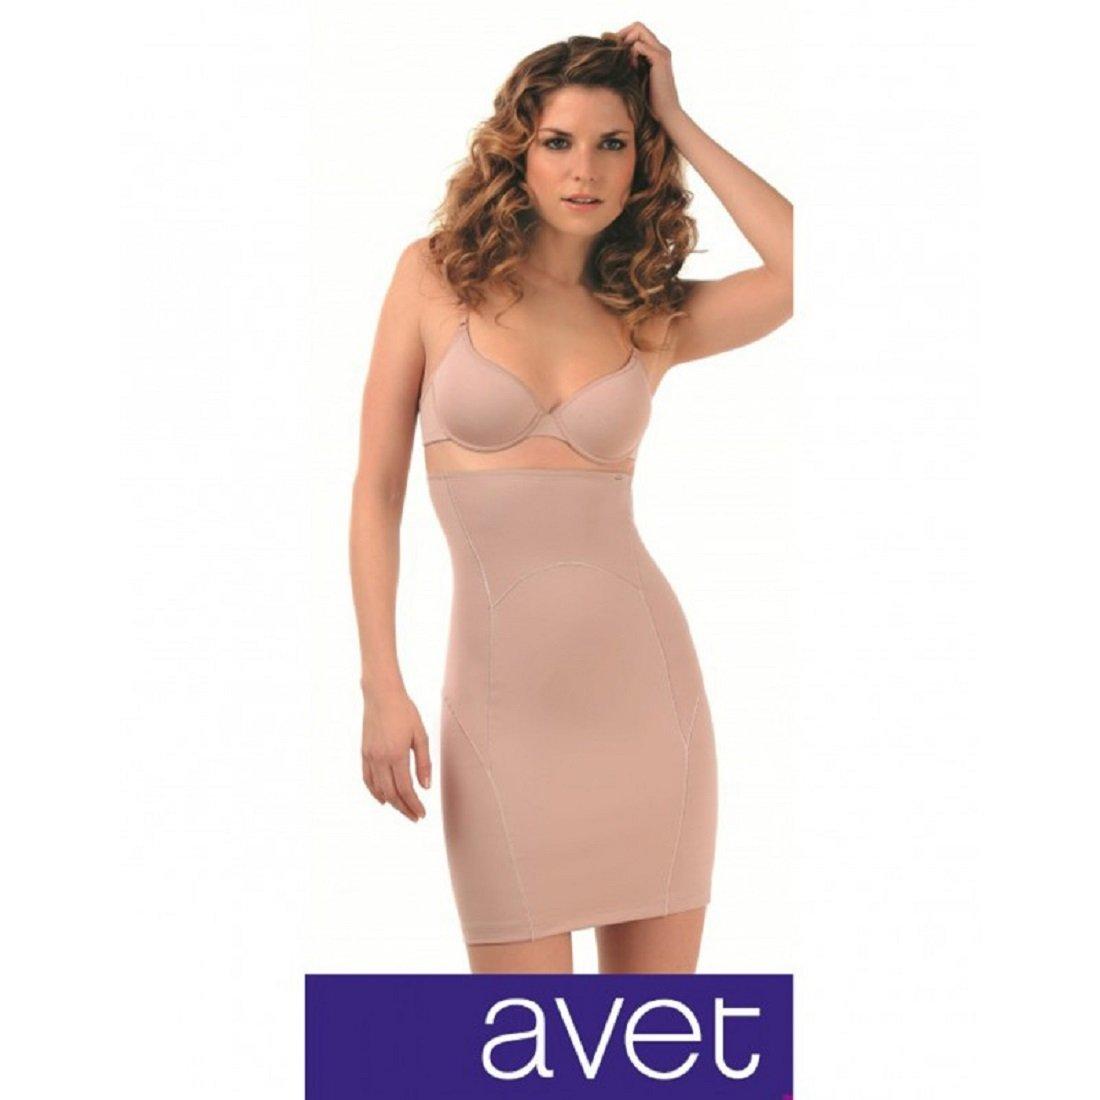 AVET 79275 - Falda Reductora (E, Arena): Amazon.es: Ropa y accesorios